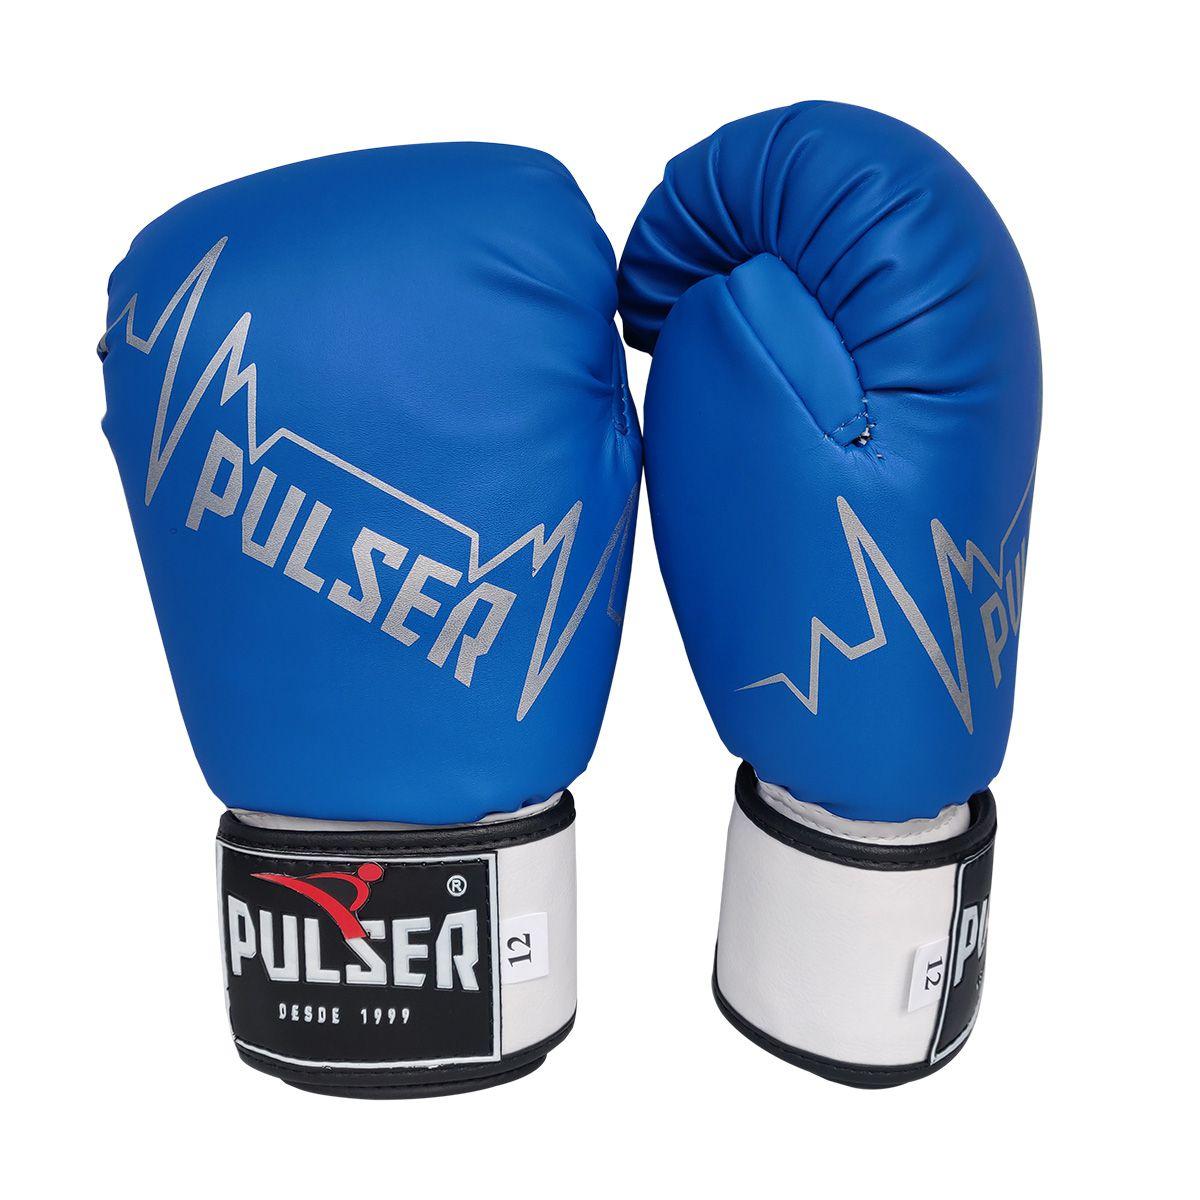 Kit de Boxe / Muay Thai 10oz - Azul Pulser Logo - Pulser  - PRALUTA SHOP